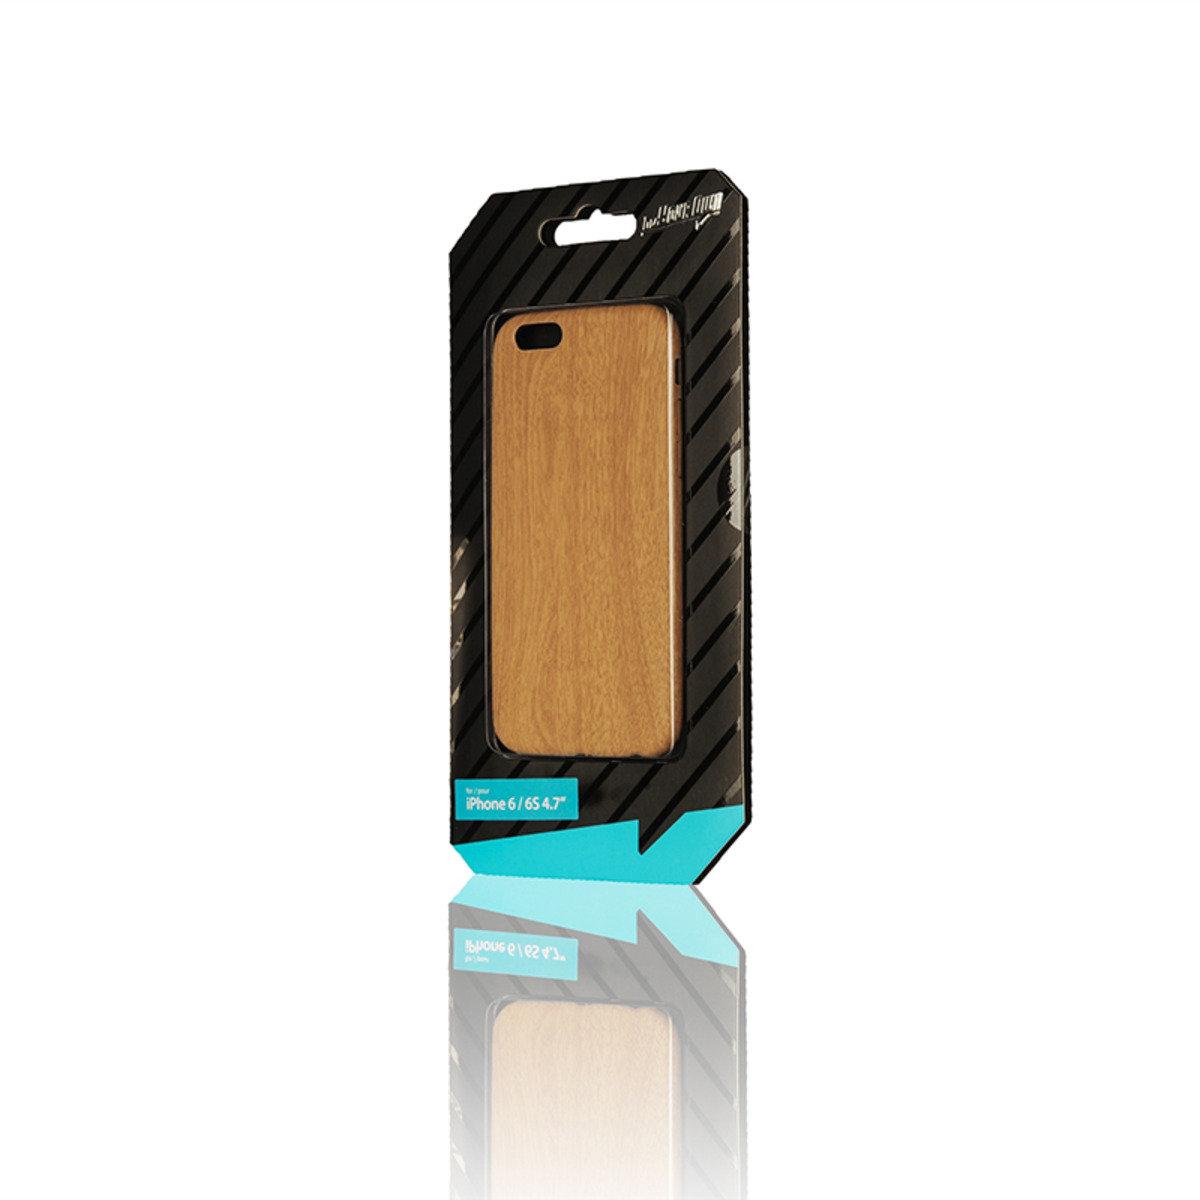 IPHONE 6,6S 木紋超薄軟殼保護套